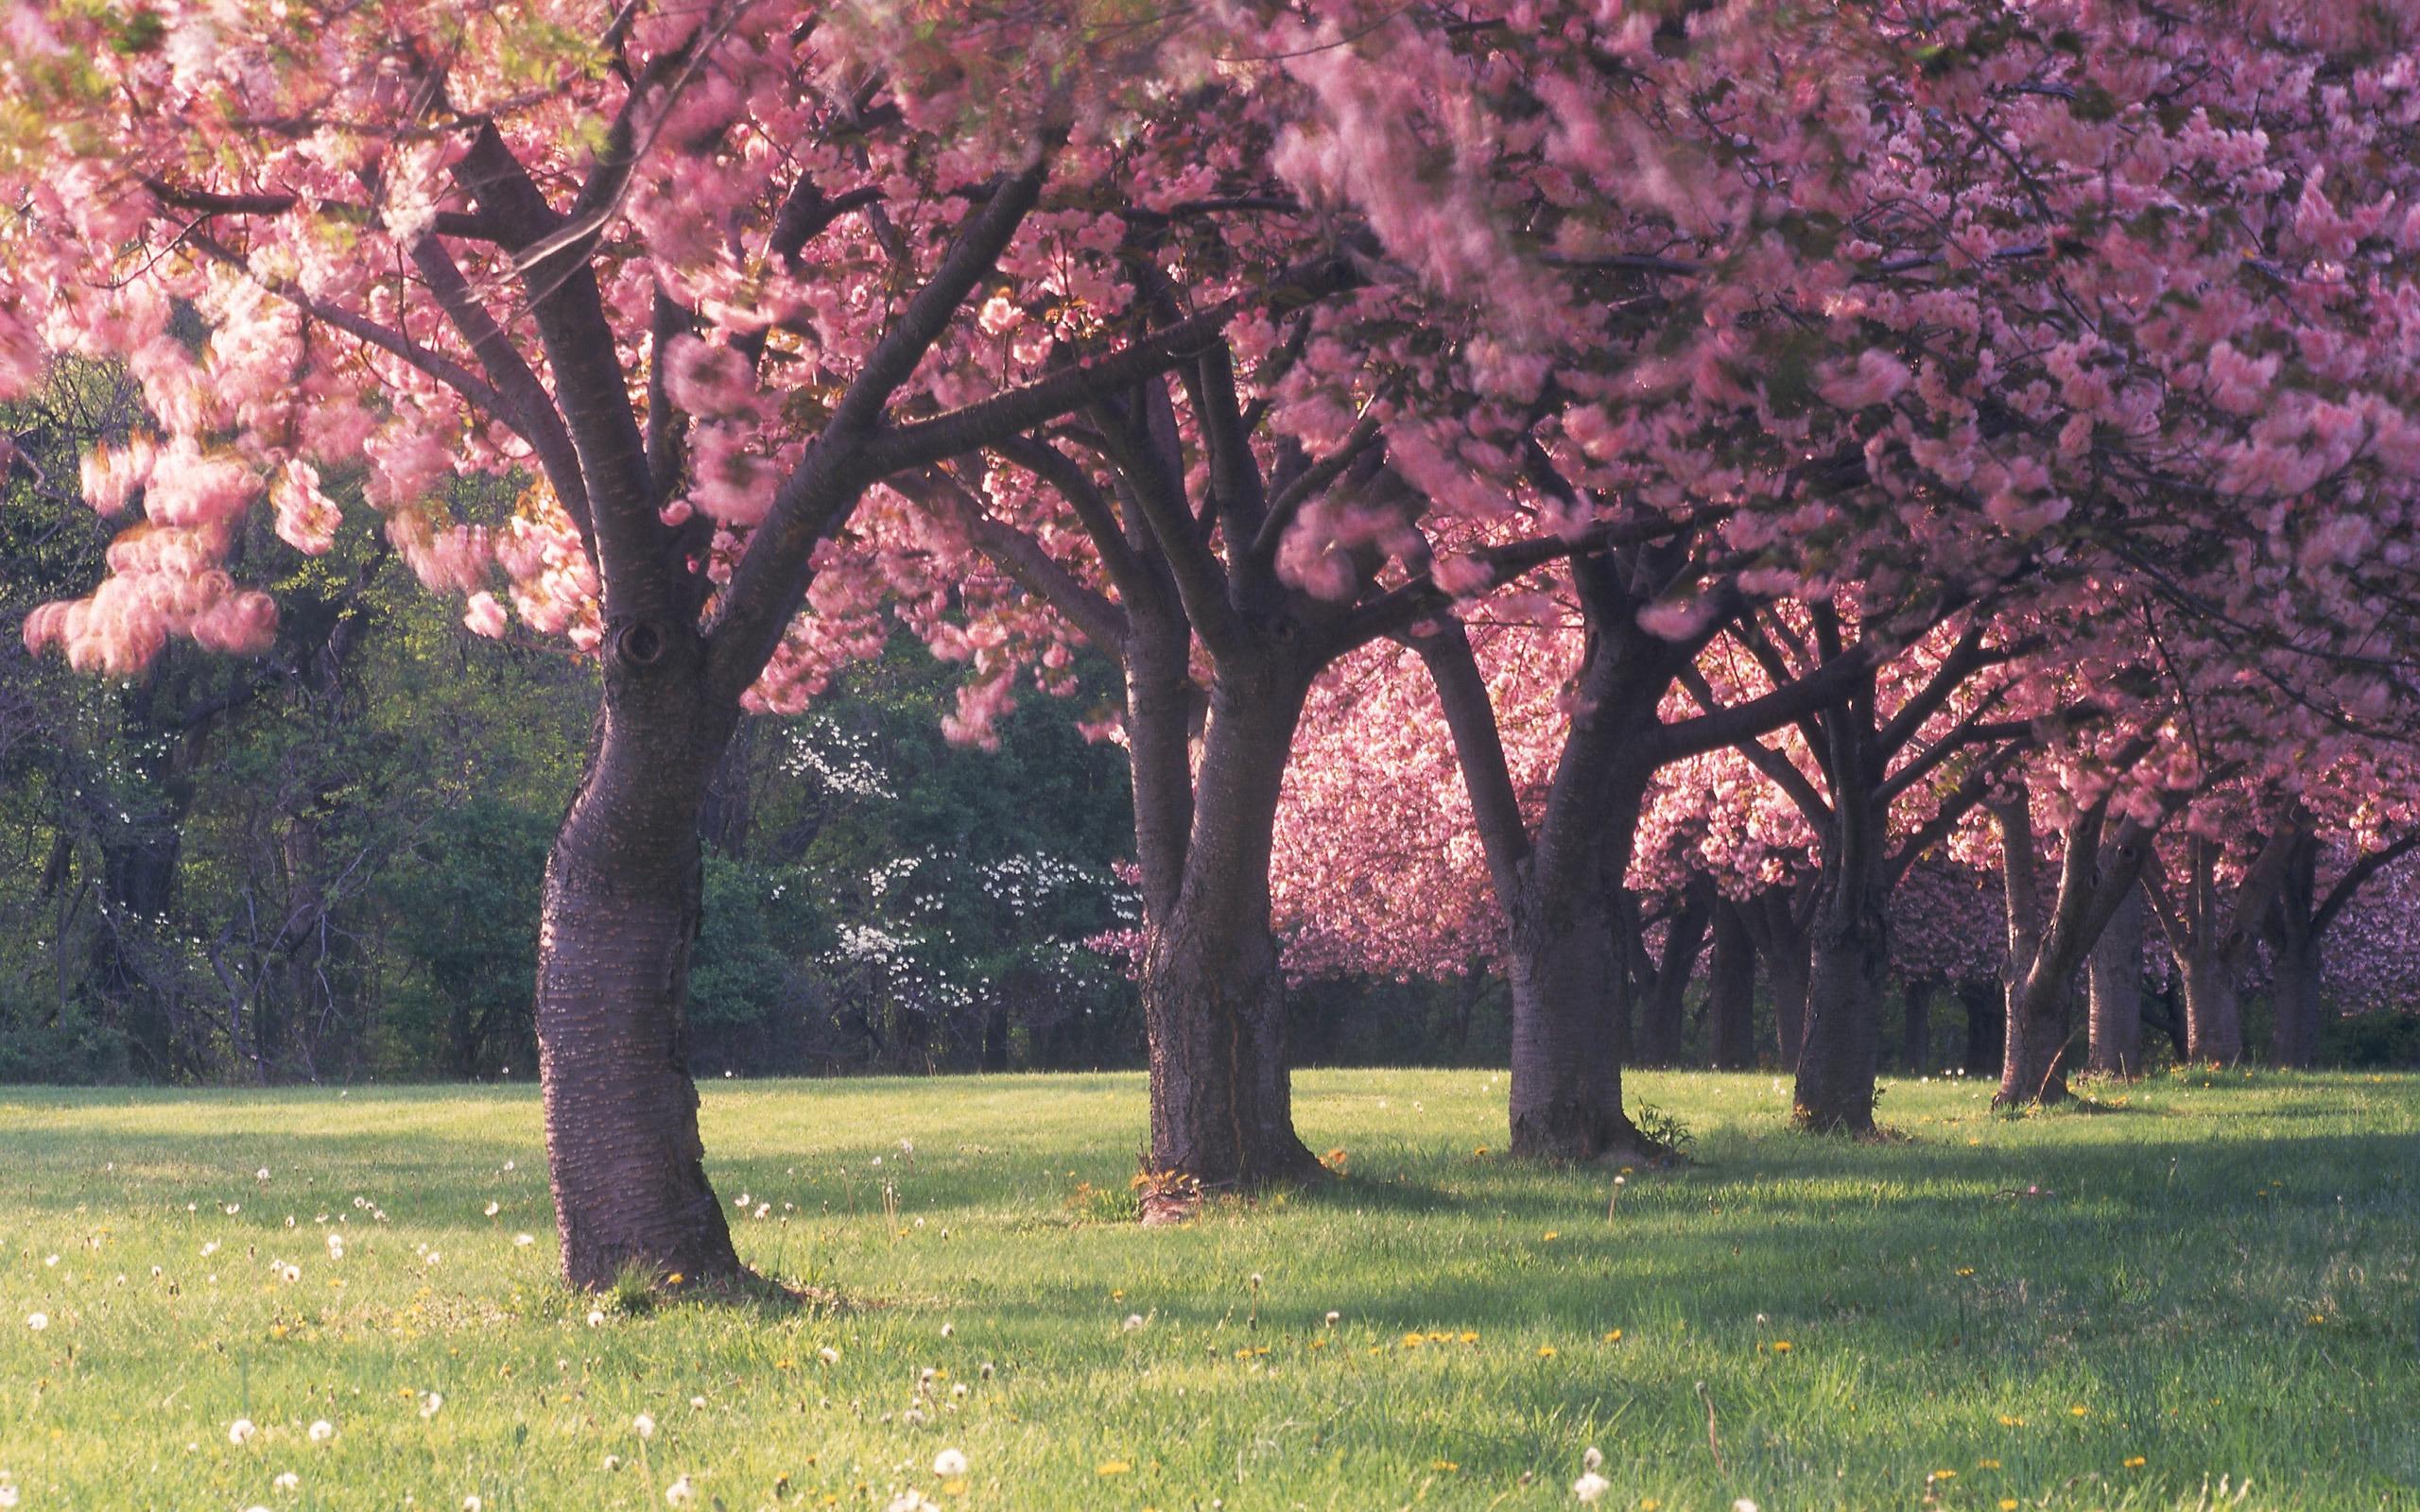 поле природа цветы дом фокус лес дервья бесплатно